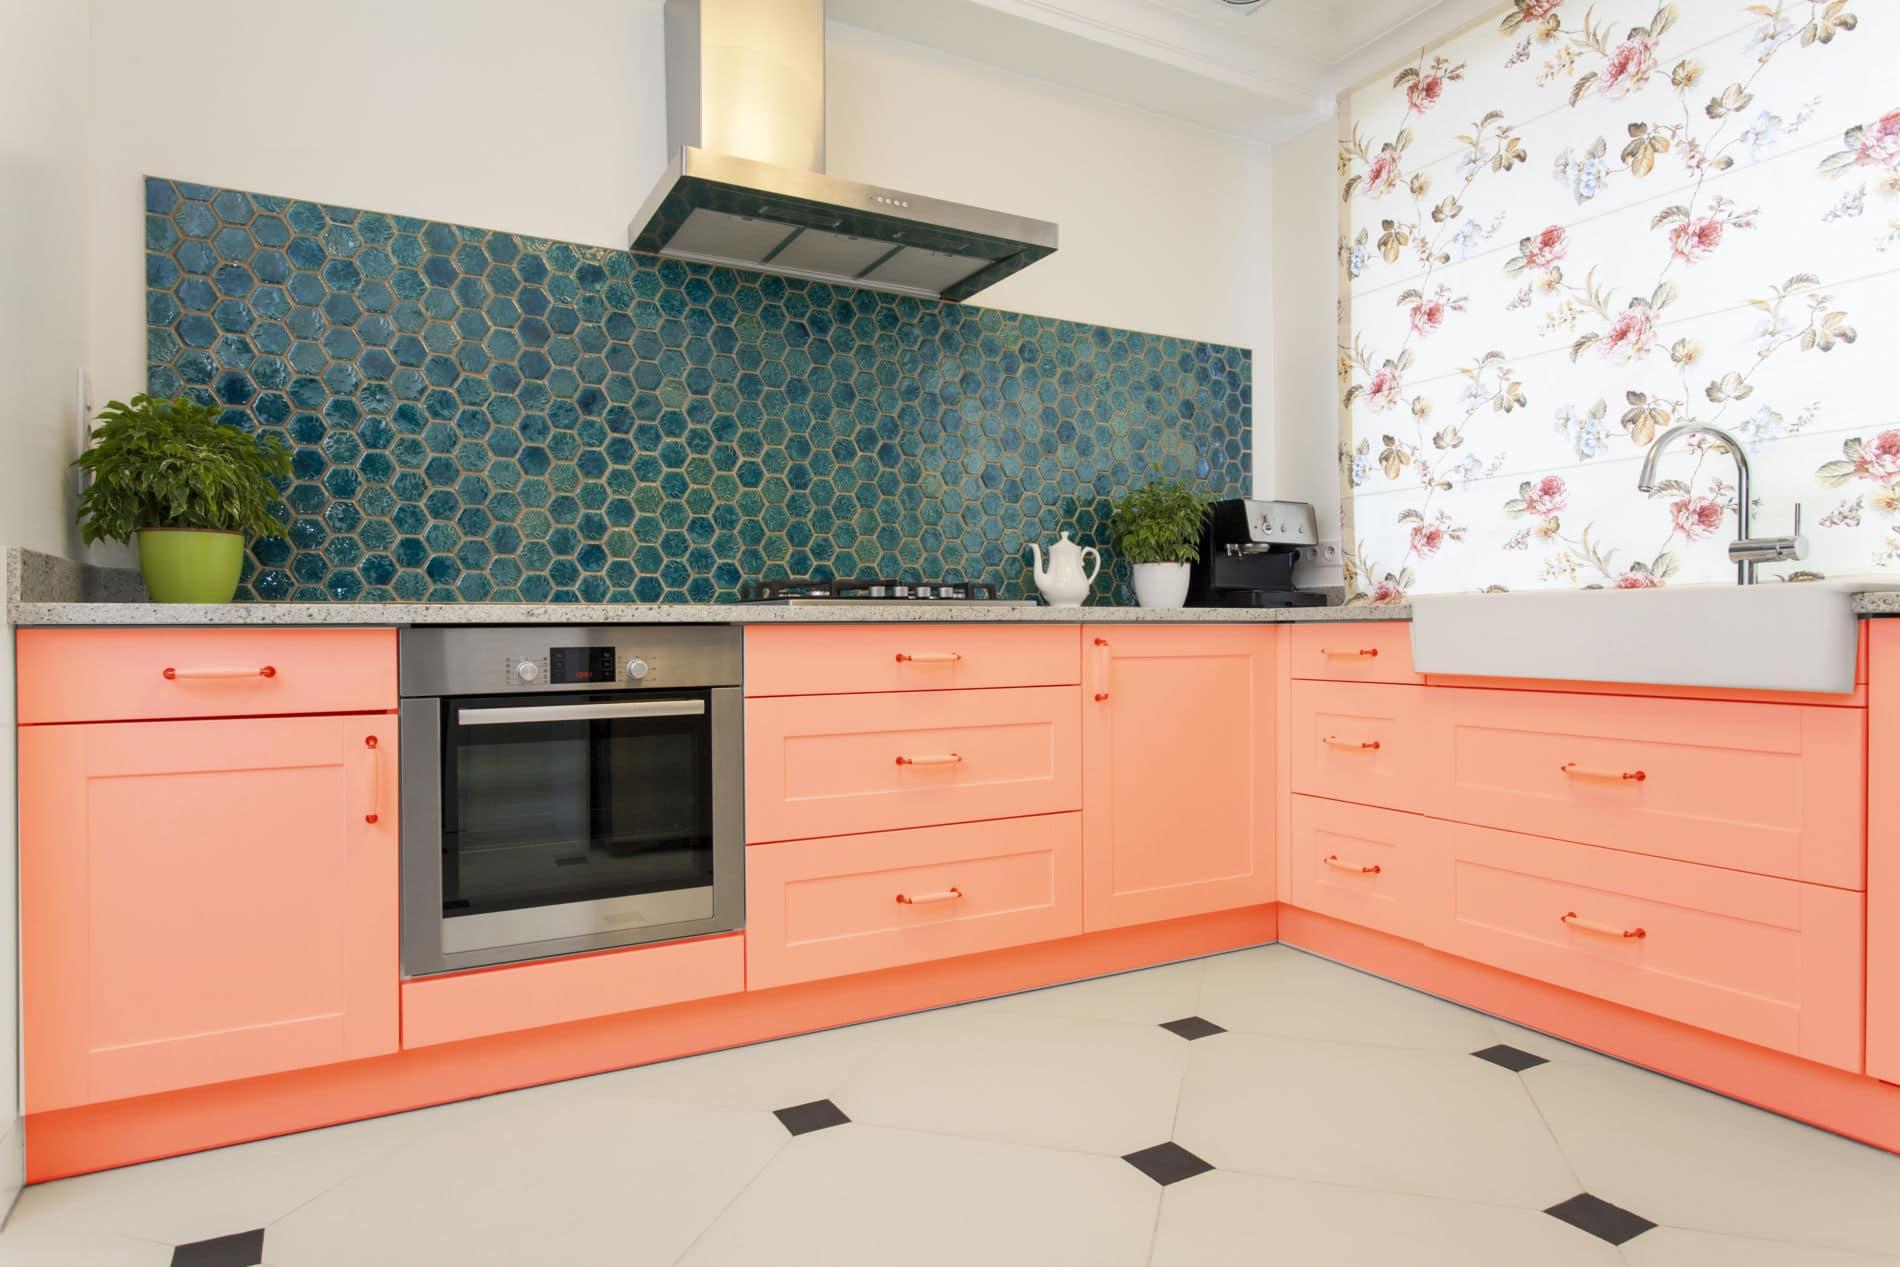 מטבחים מודרניים מעוצבים - מטבח מודרני באפרסק.